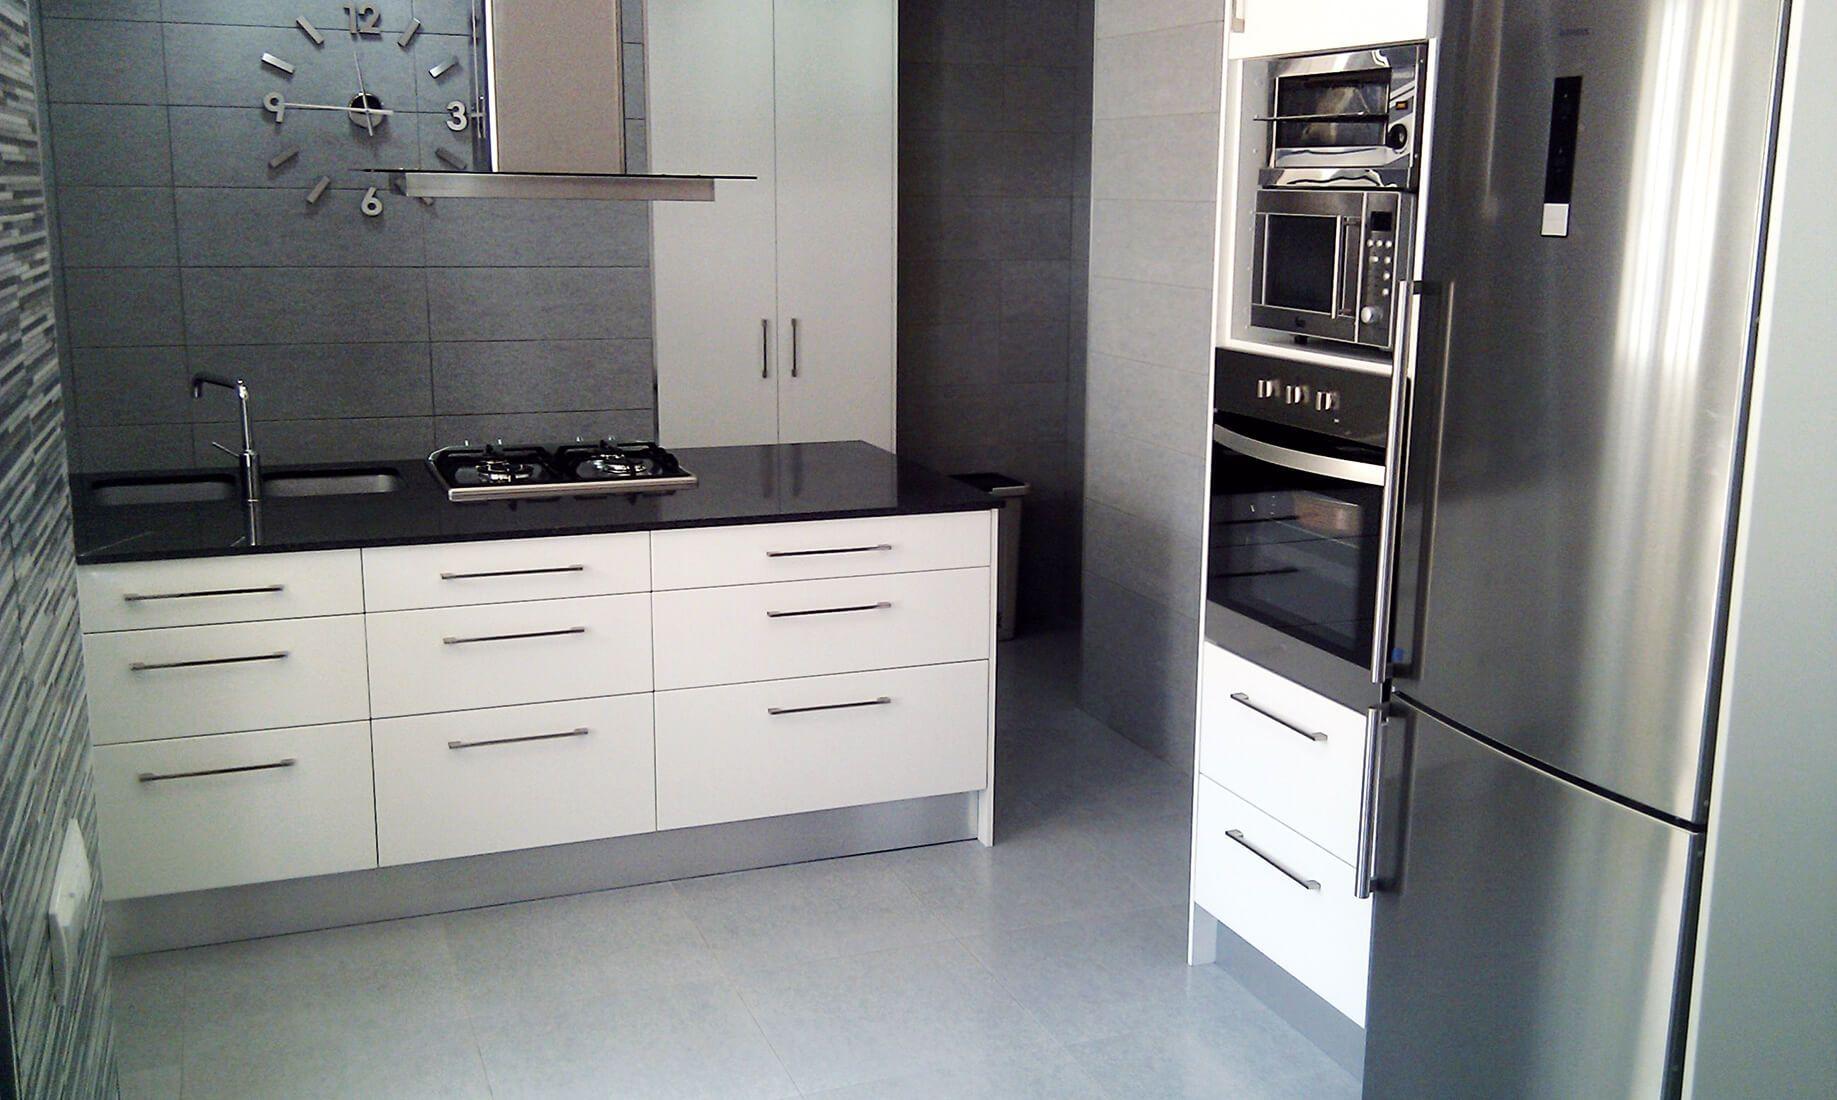 Cocina mueble blanco encimera negra granito hogar y - Encimera granito blanco ...